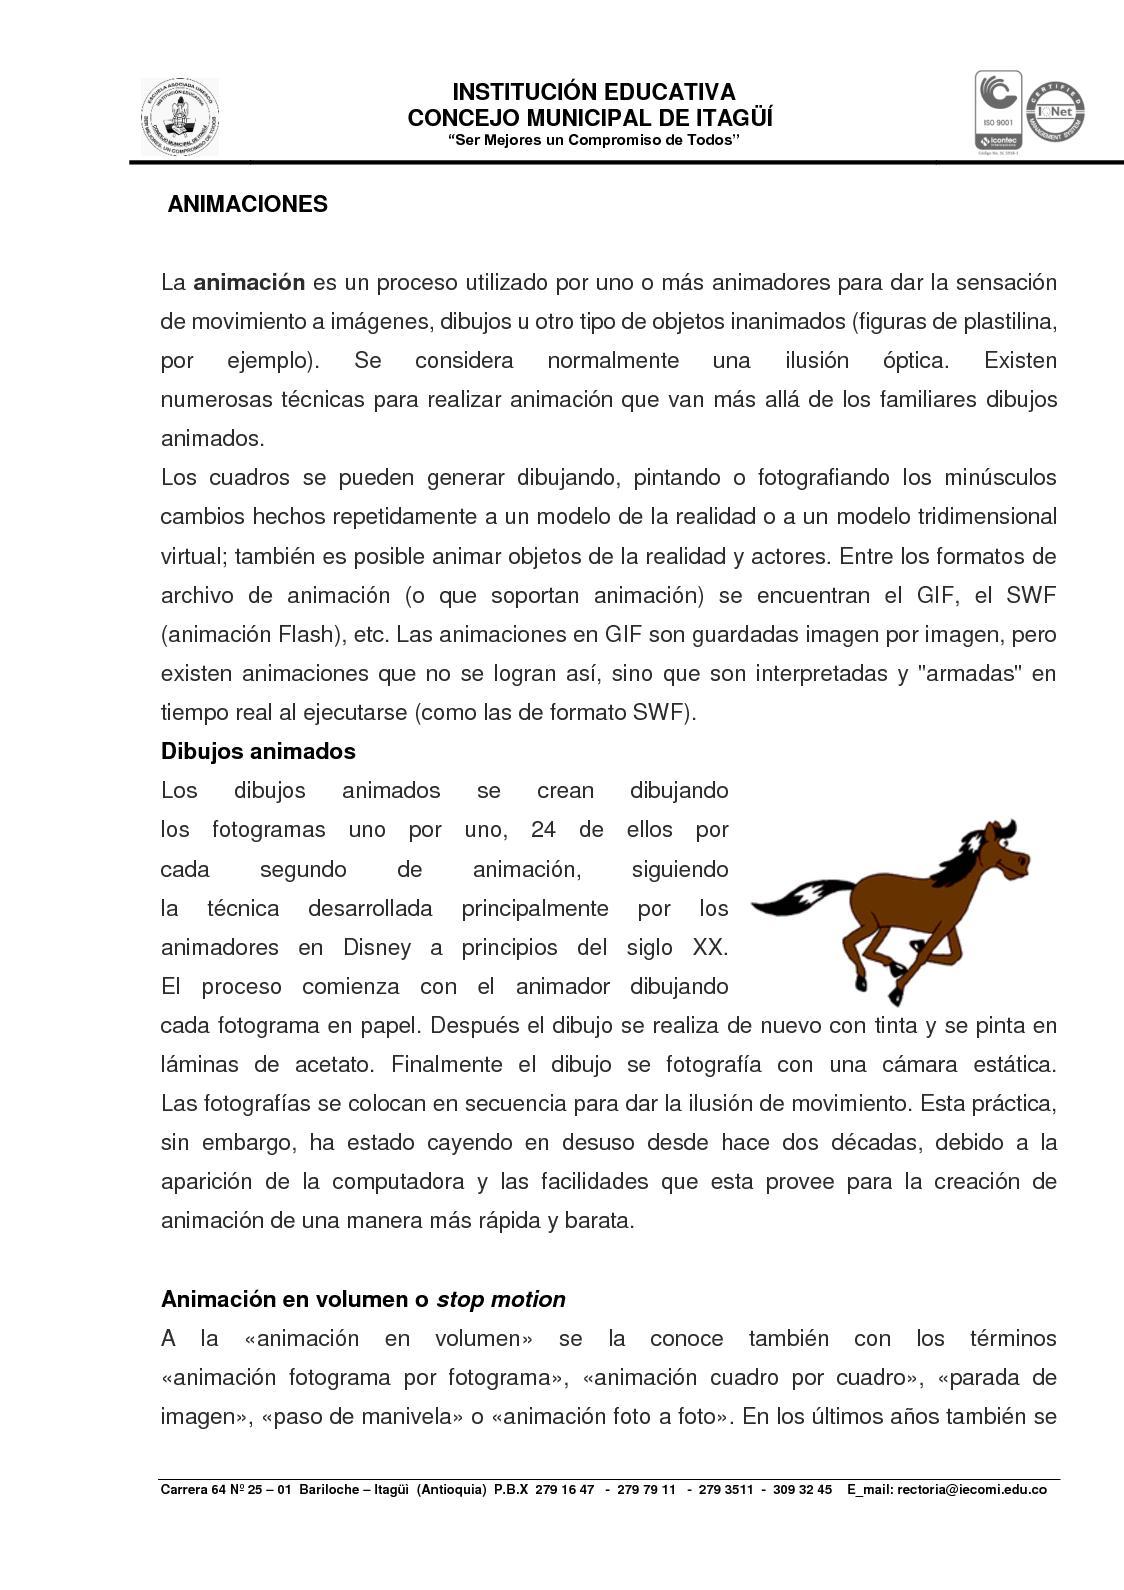 Calaméo - Documento De Elaboracion De Animaciones